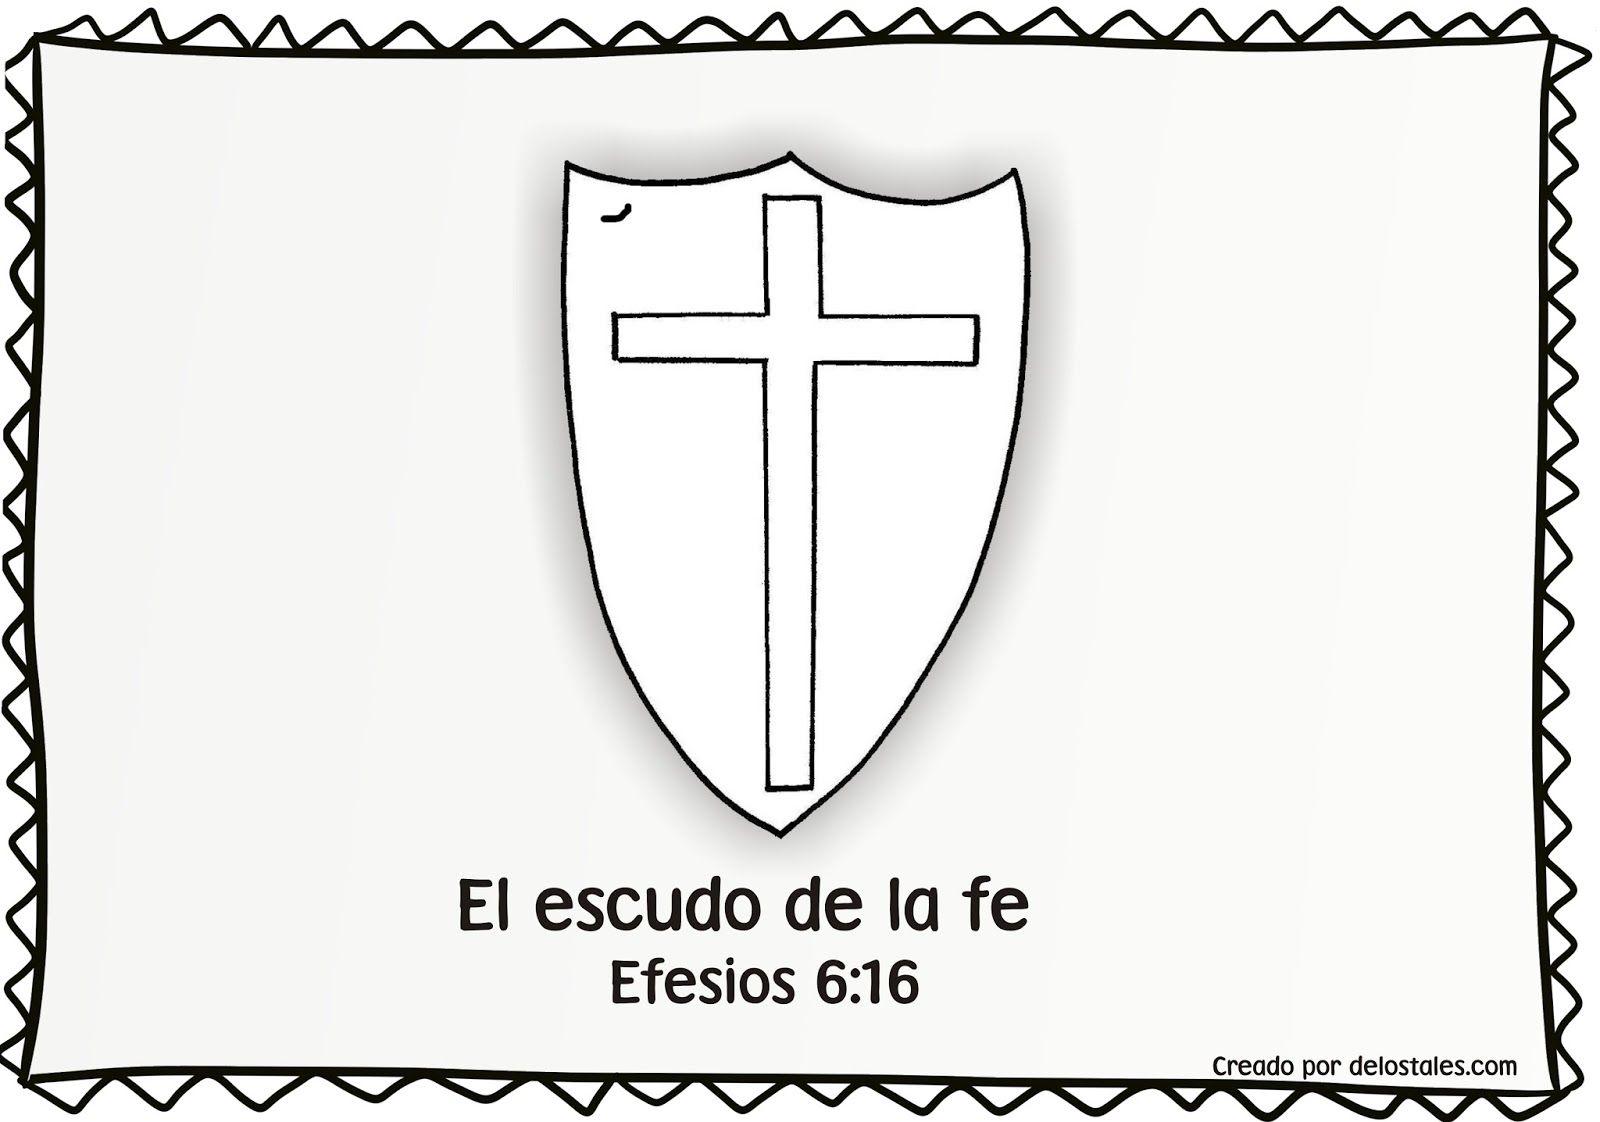 Recursos Cristianos Para Ninos Devocionales Leccion Biblica La Armadura Efesios Temas De La Biblia Armadura De Dios Ninos Cristianos